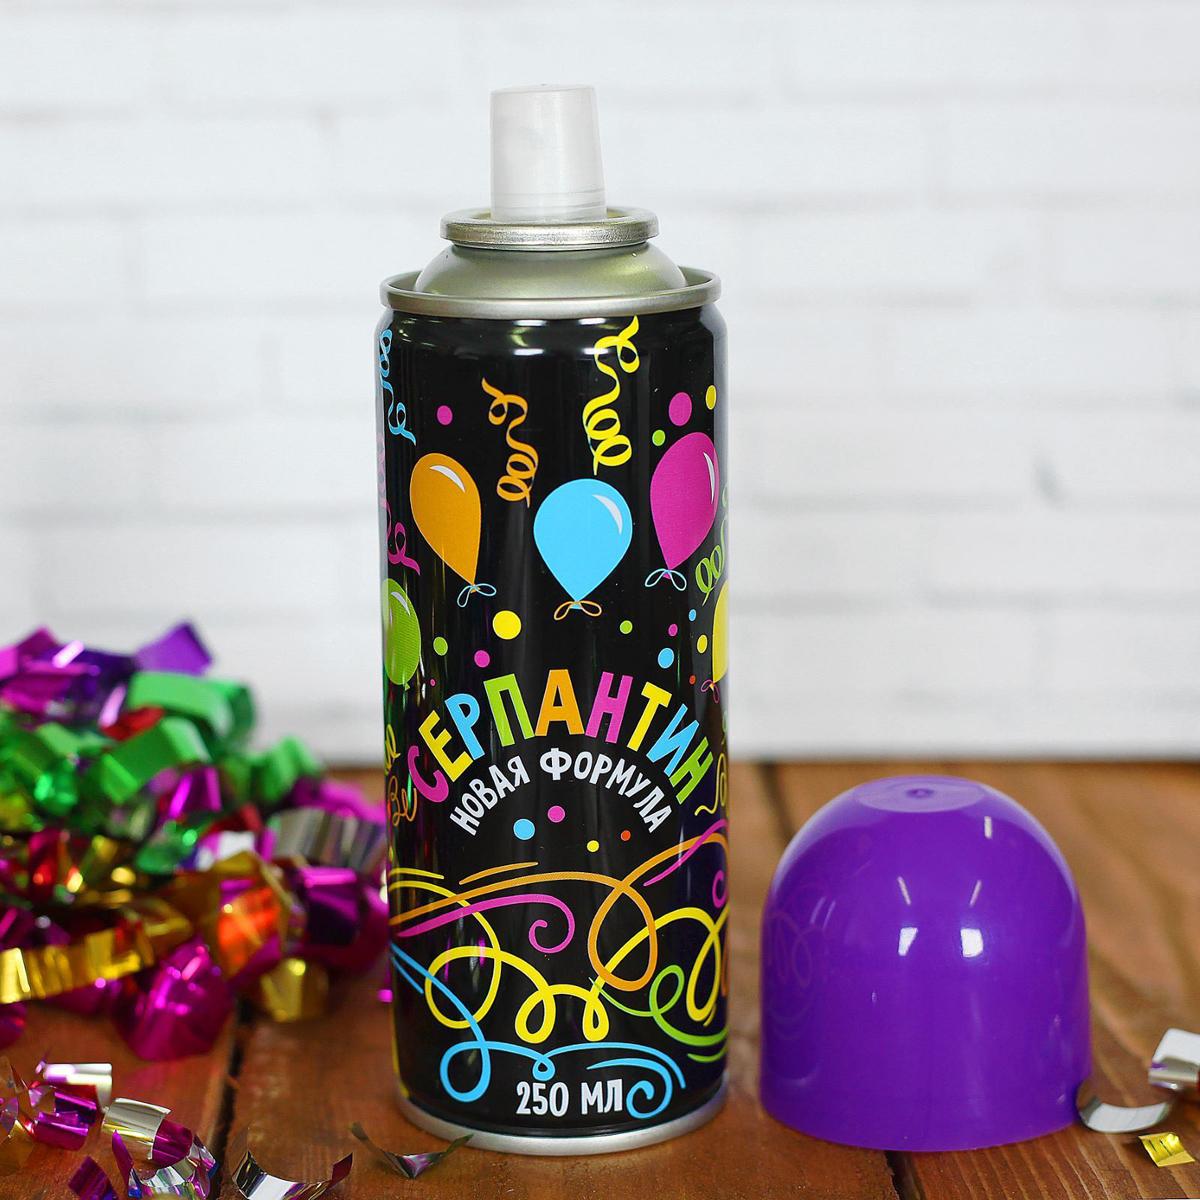 Спрей Серпантин, цвет: фиолетовый, 250 мл2358584Невозможно представить нашу жизнь без праздников! Мы всегда ждем их и предвкушаем, обдумываем, как проведем памятный день, тщательно выбираем подарки и аксессуары, ведь именно они создают и поддерживают торжественный настрой. Новогодние аксессуары - это отличный выбор, который привнесет атмосферу праздника в ваш дом! Серпантин можно использовать на городских карнавалах, тематических вечеринках и праздниках. Чтобы получить длинную нить серпантина, необходимо просто нажать на разбрызгиватель. Его желательно направлять вверх, а не в лицо человеку.